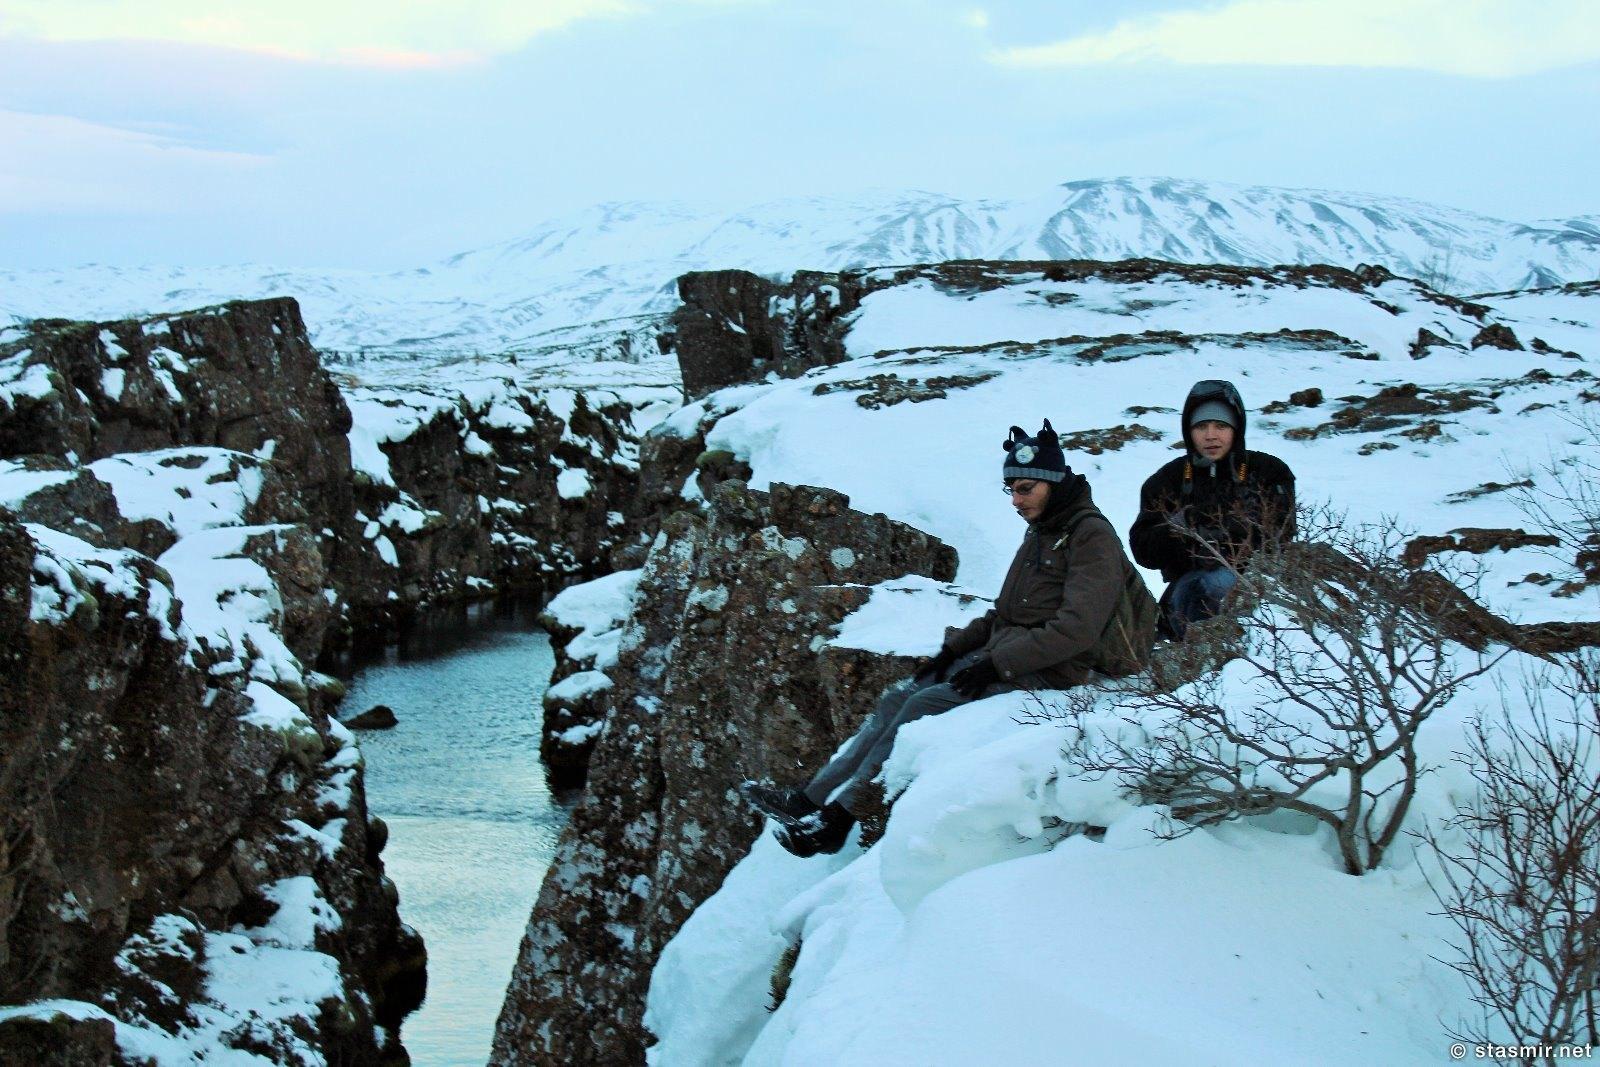 Денежный разлом Пенингагйау в Национальном парке Тингведлир зимою, фото Стасмир, photo Stasmir